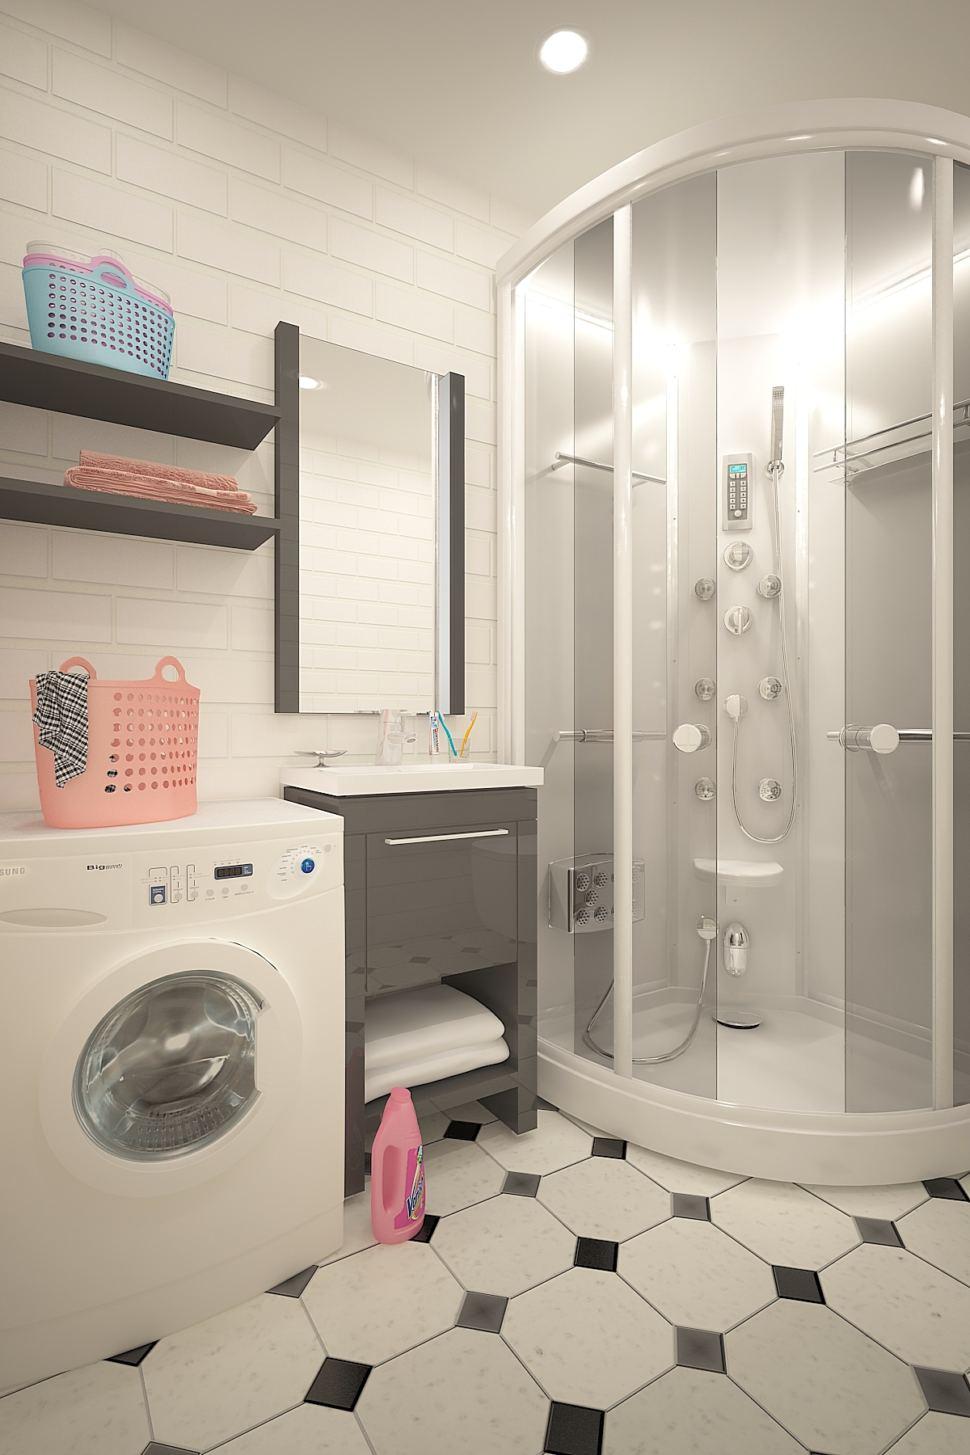 Визуализация душевой 4 кв.м в светлых оттенках с темными акцентами, стиральная машина, душевая, мойка, зеркало, плитка, светильники